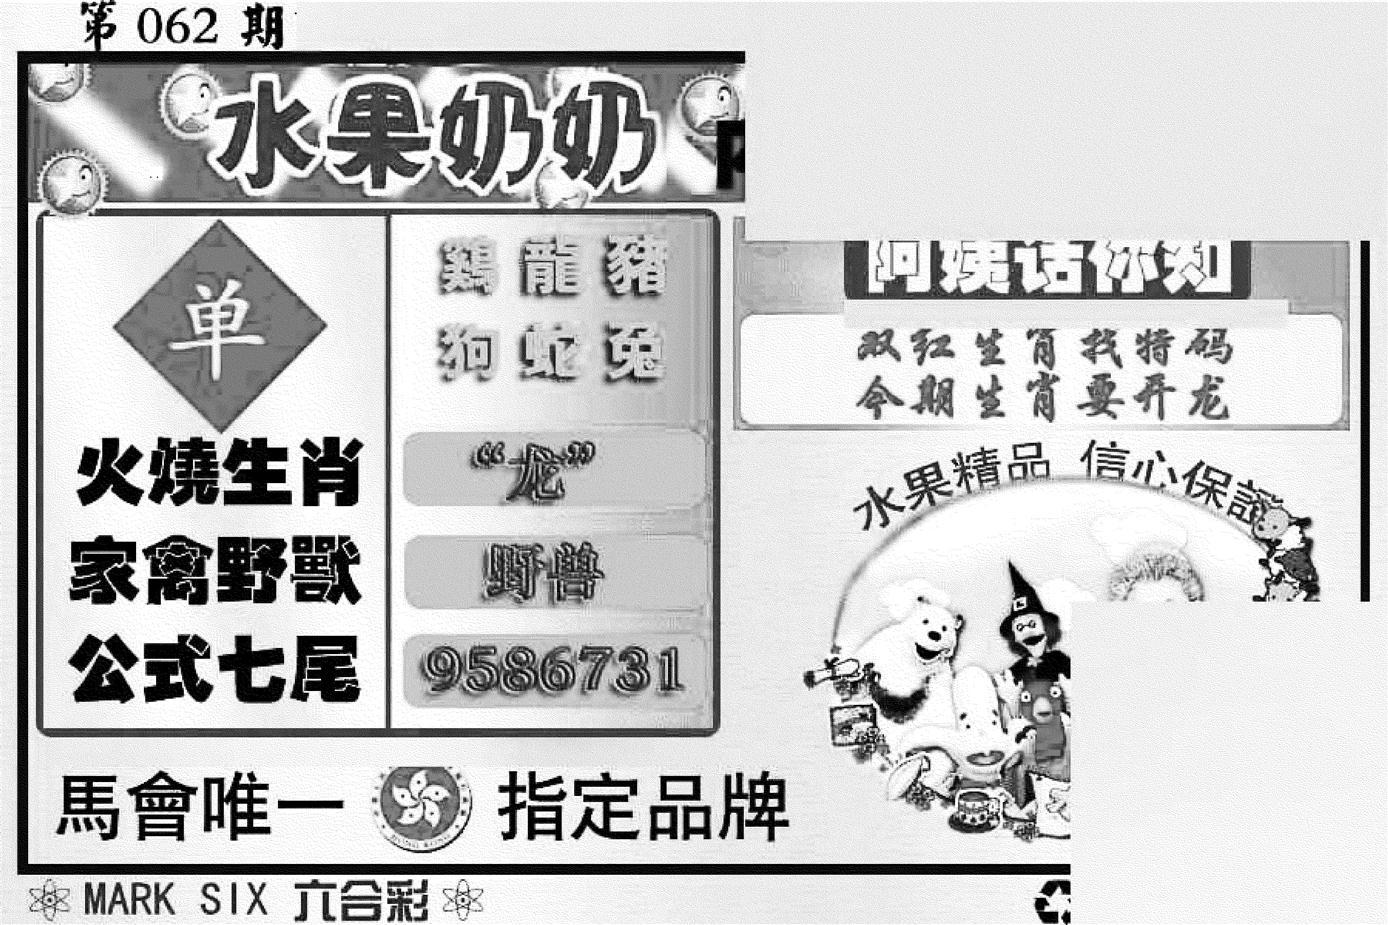 062期水果奶奶内幕(黑白)